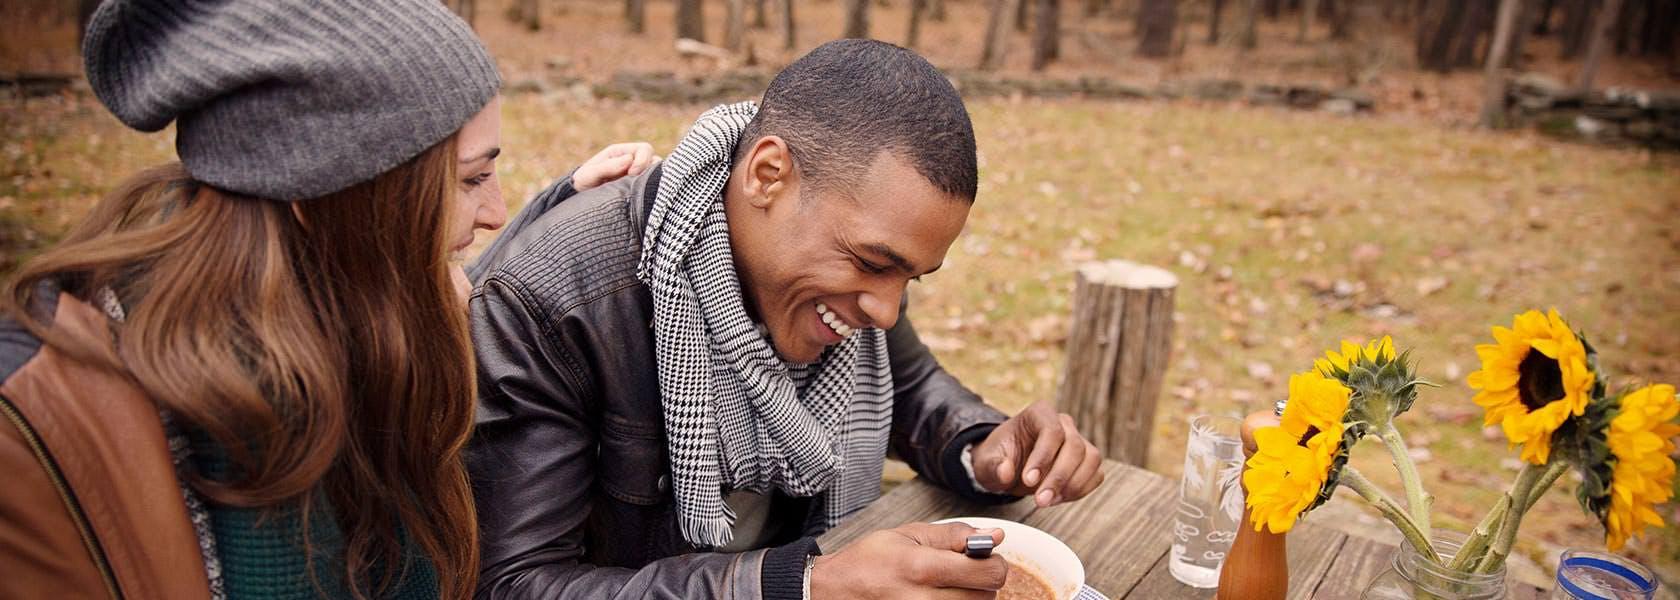 Mand med halstørklæde drikker suppe